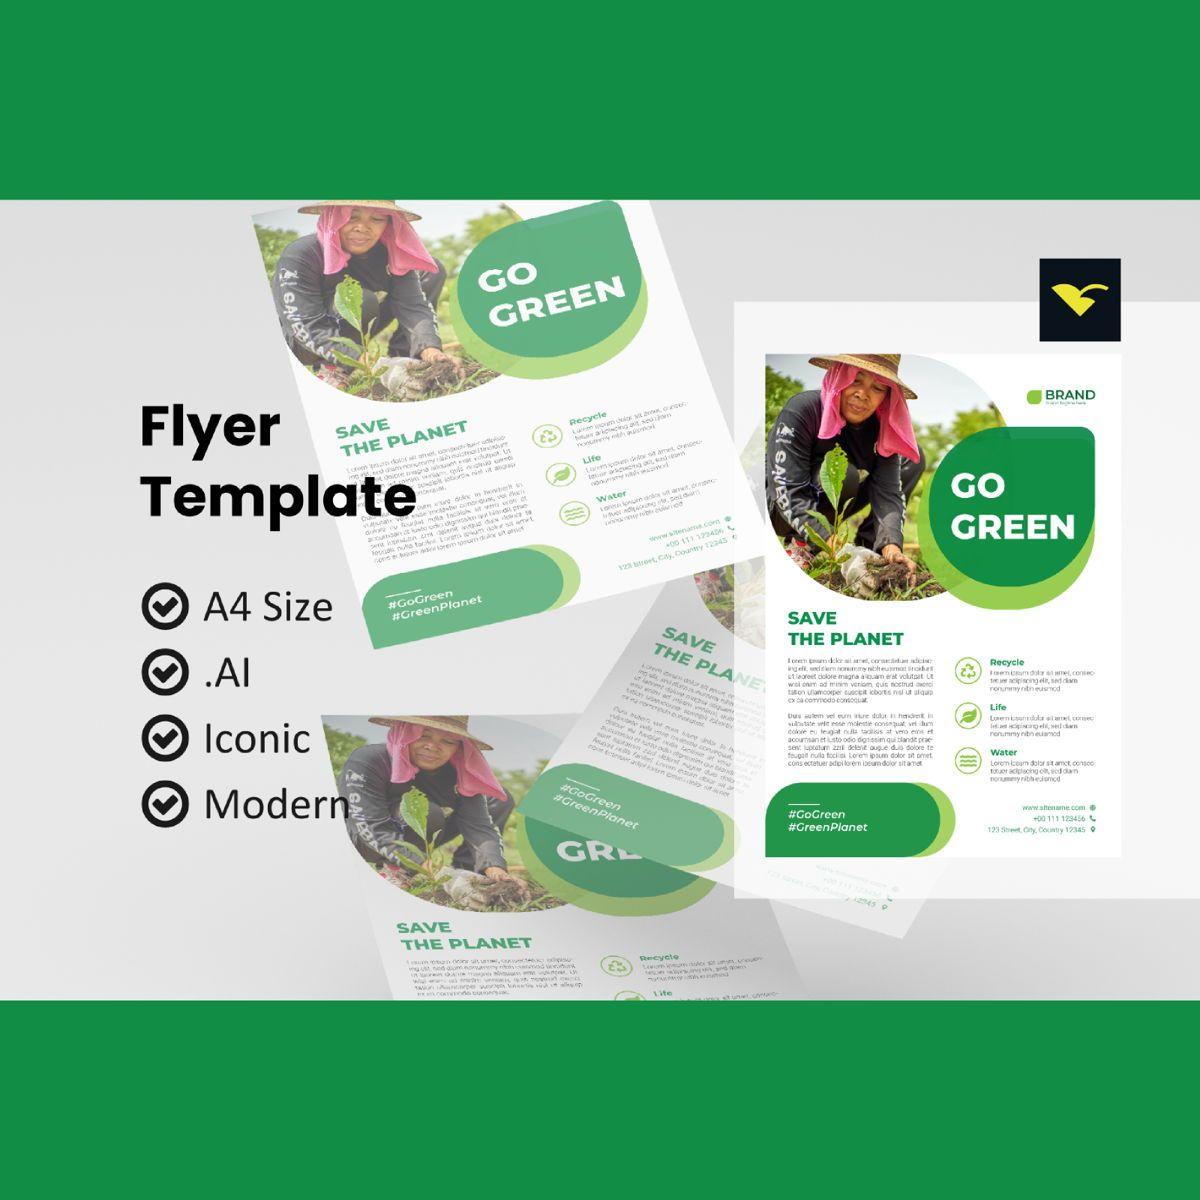 Go green 2021 flyer design template, 08966, Nature & Environment — PoweredTemplate.com